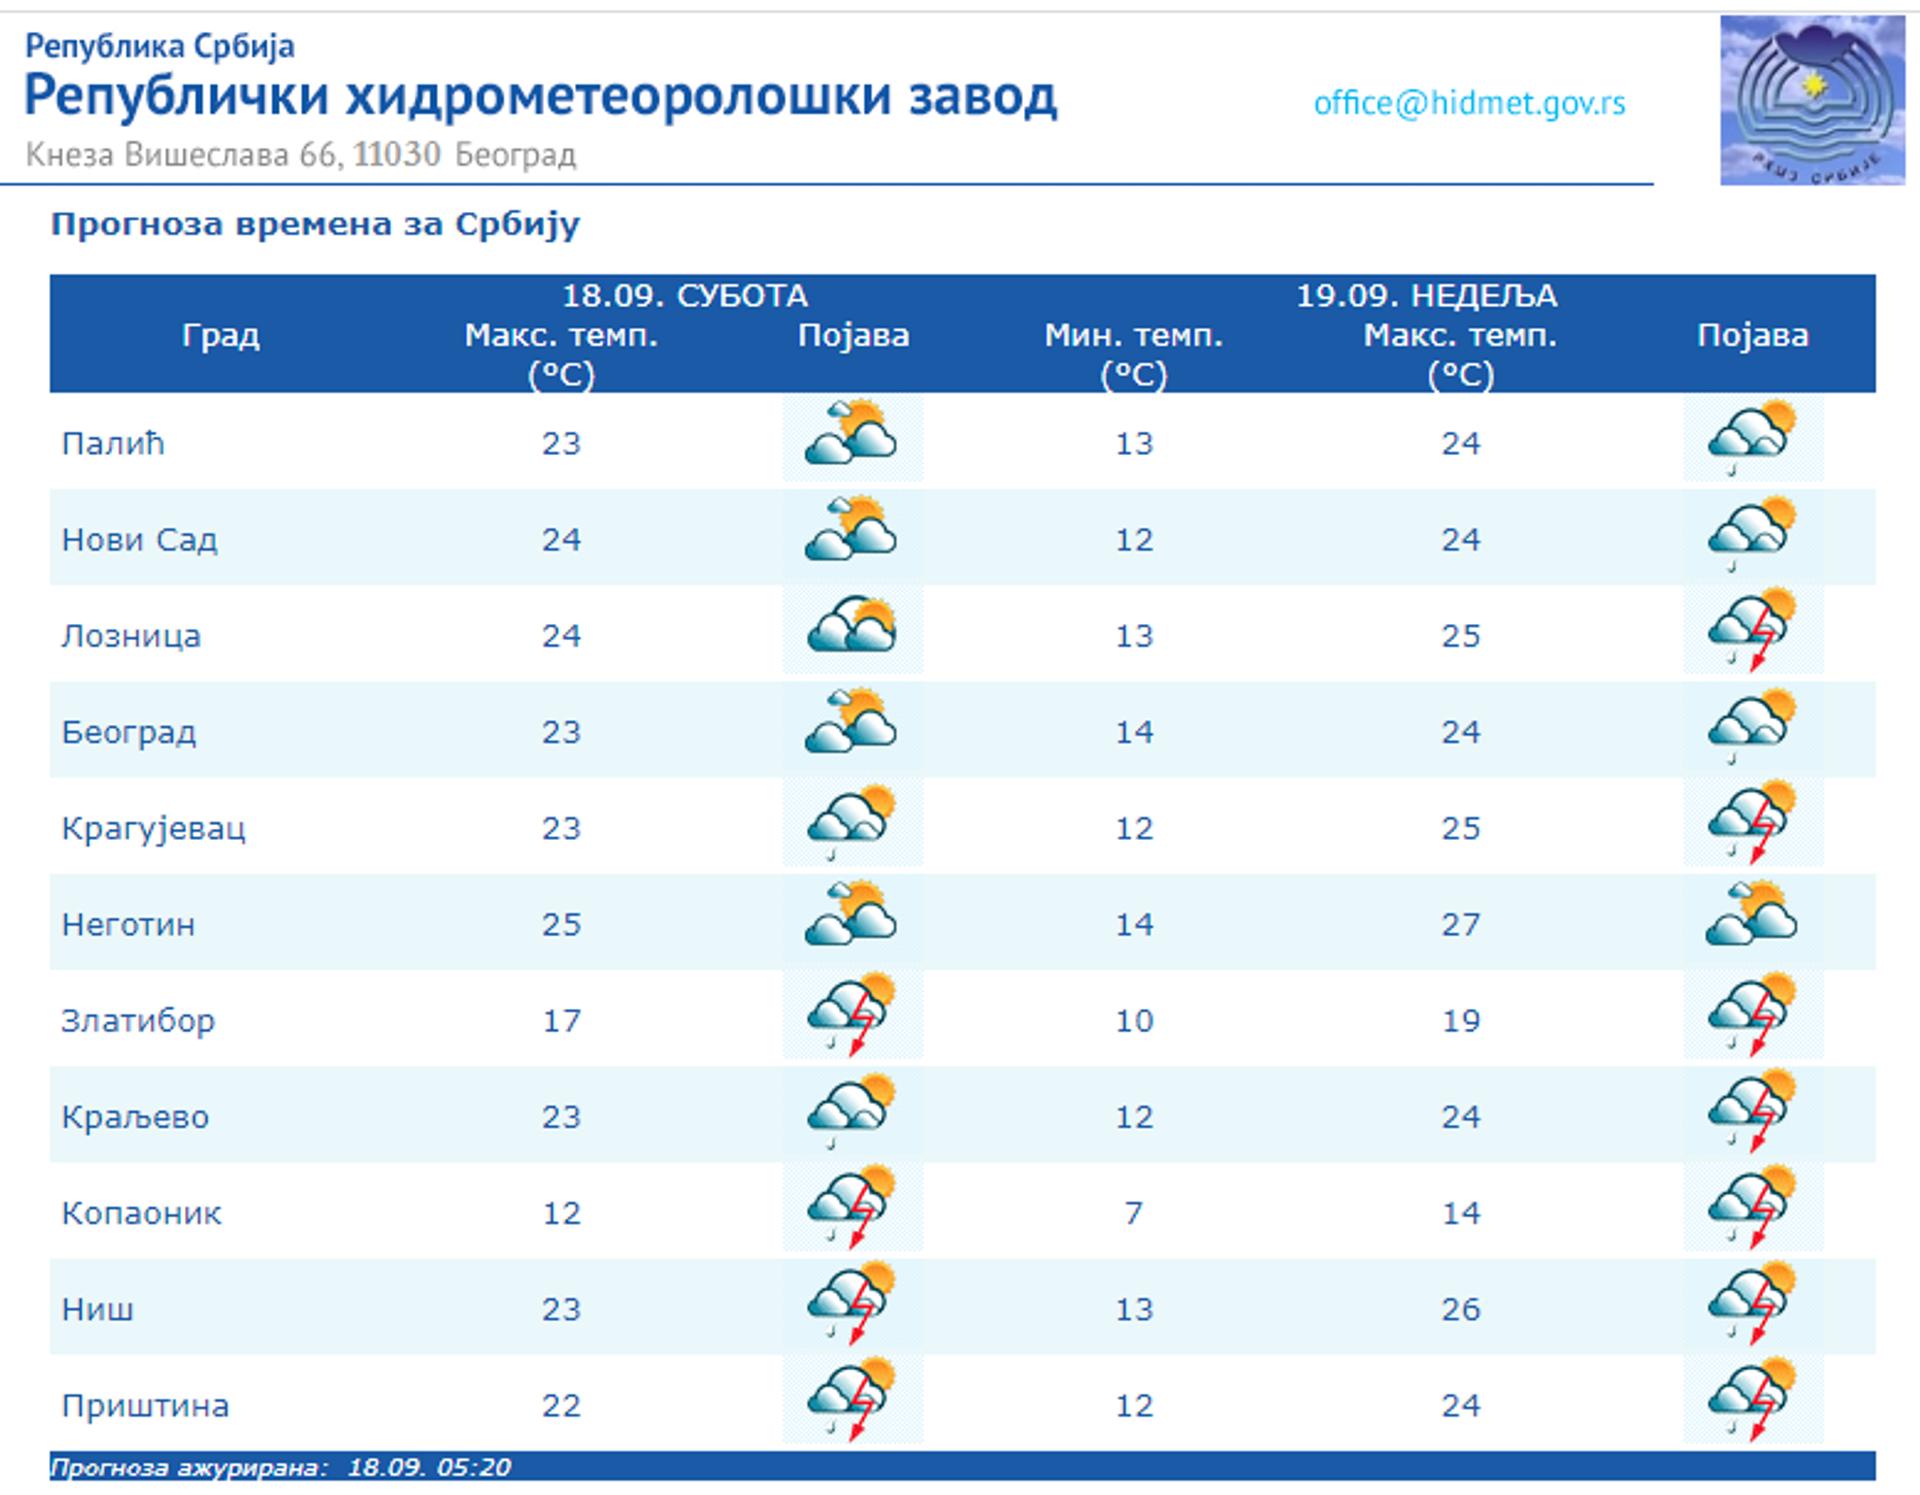 Vremenska prognoza u gradovima širom Srbije, subota, 18. septembar. - Sputnik Srbija, 1920, 18.09.2021